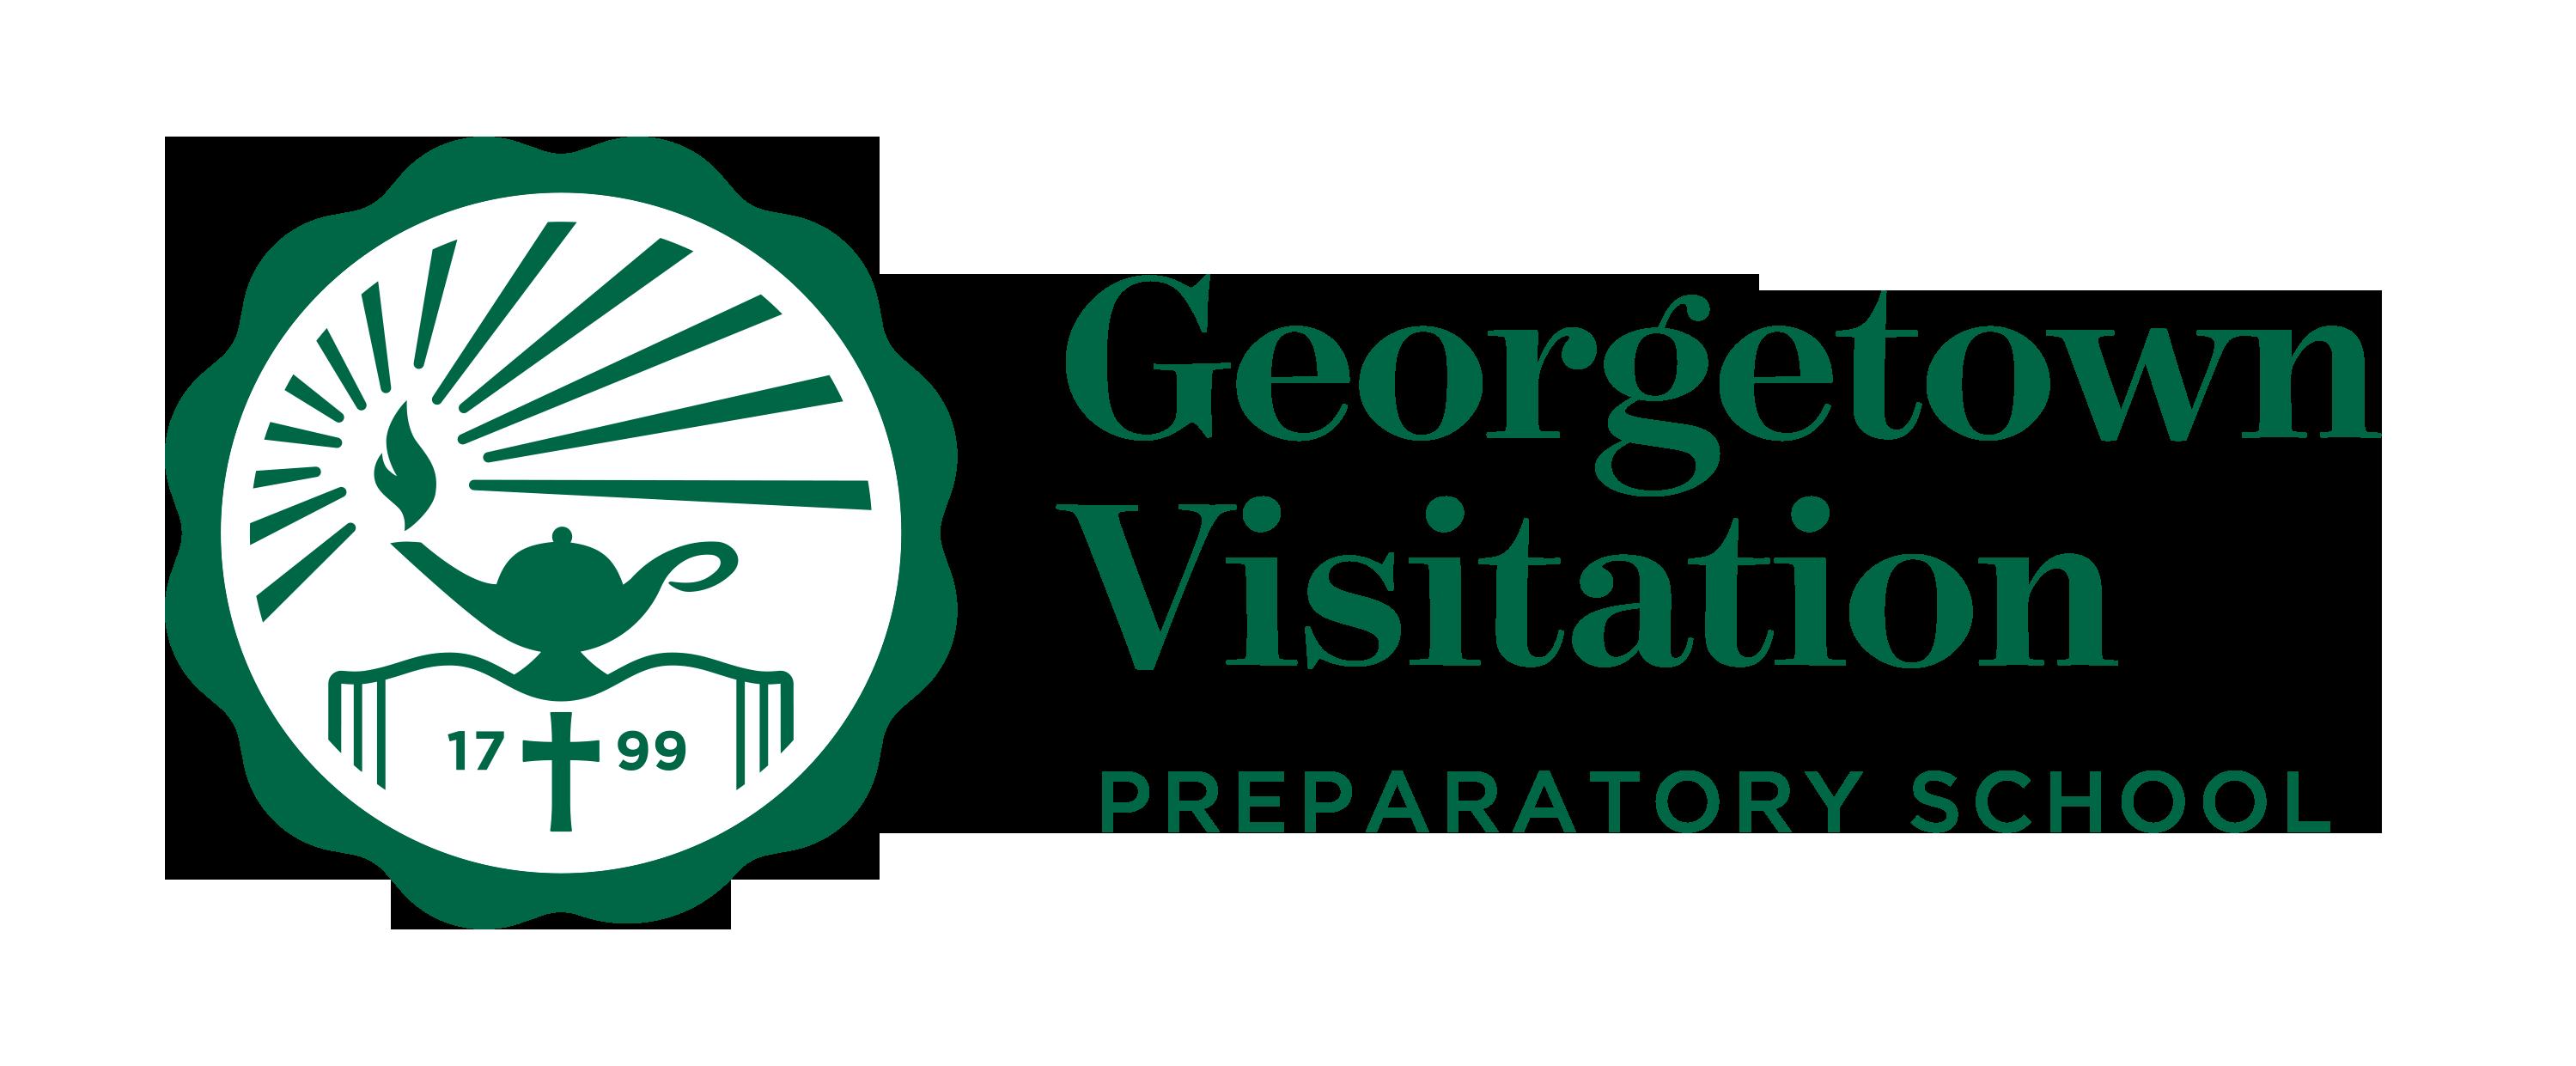 Georgetown Visitation Preparatory School